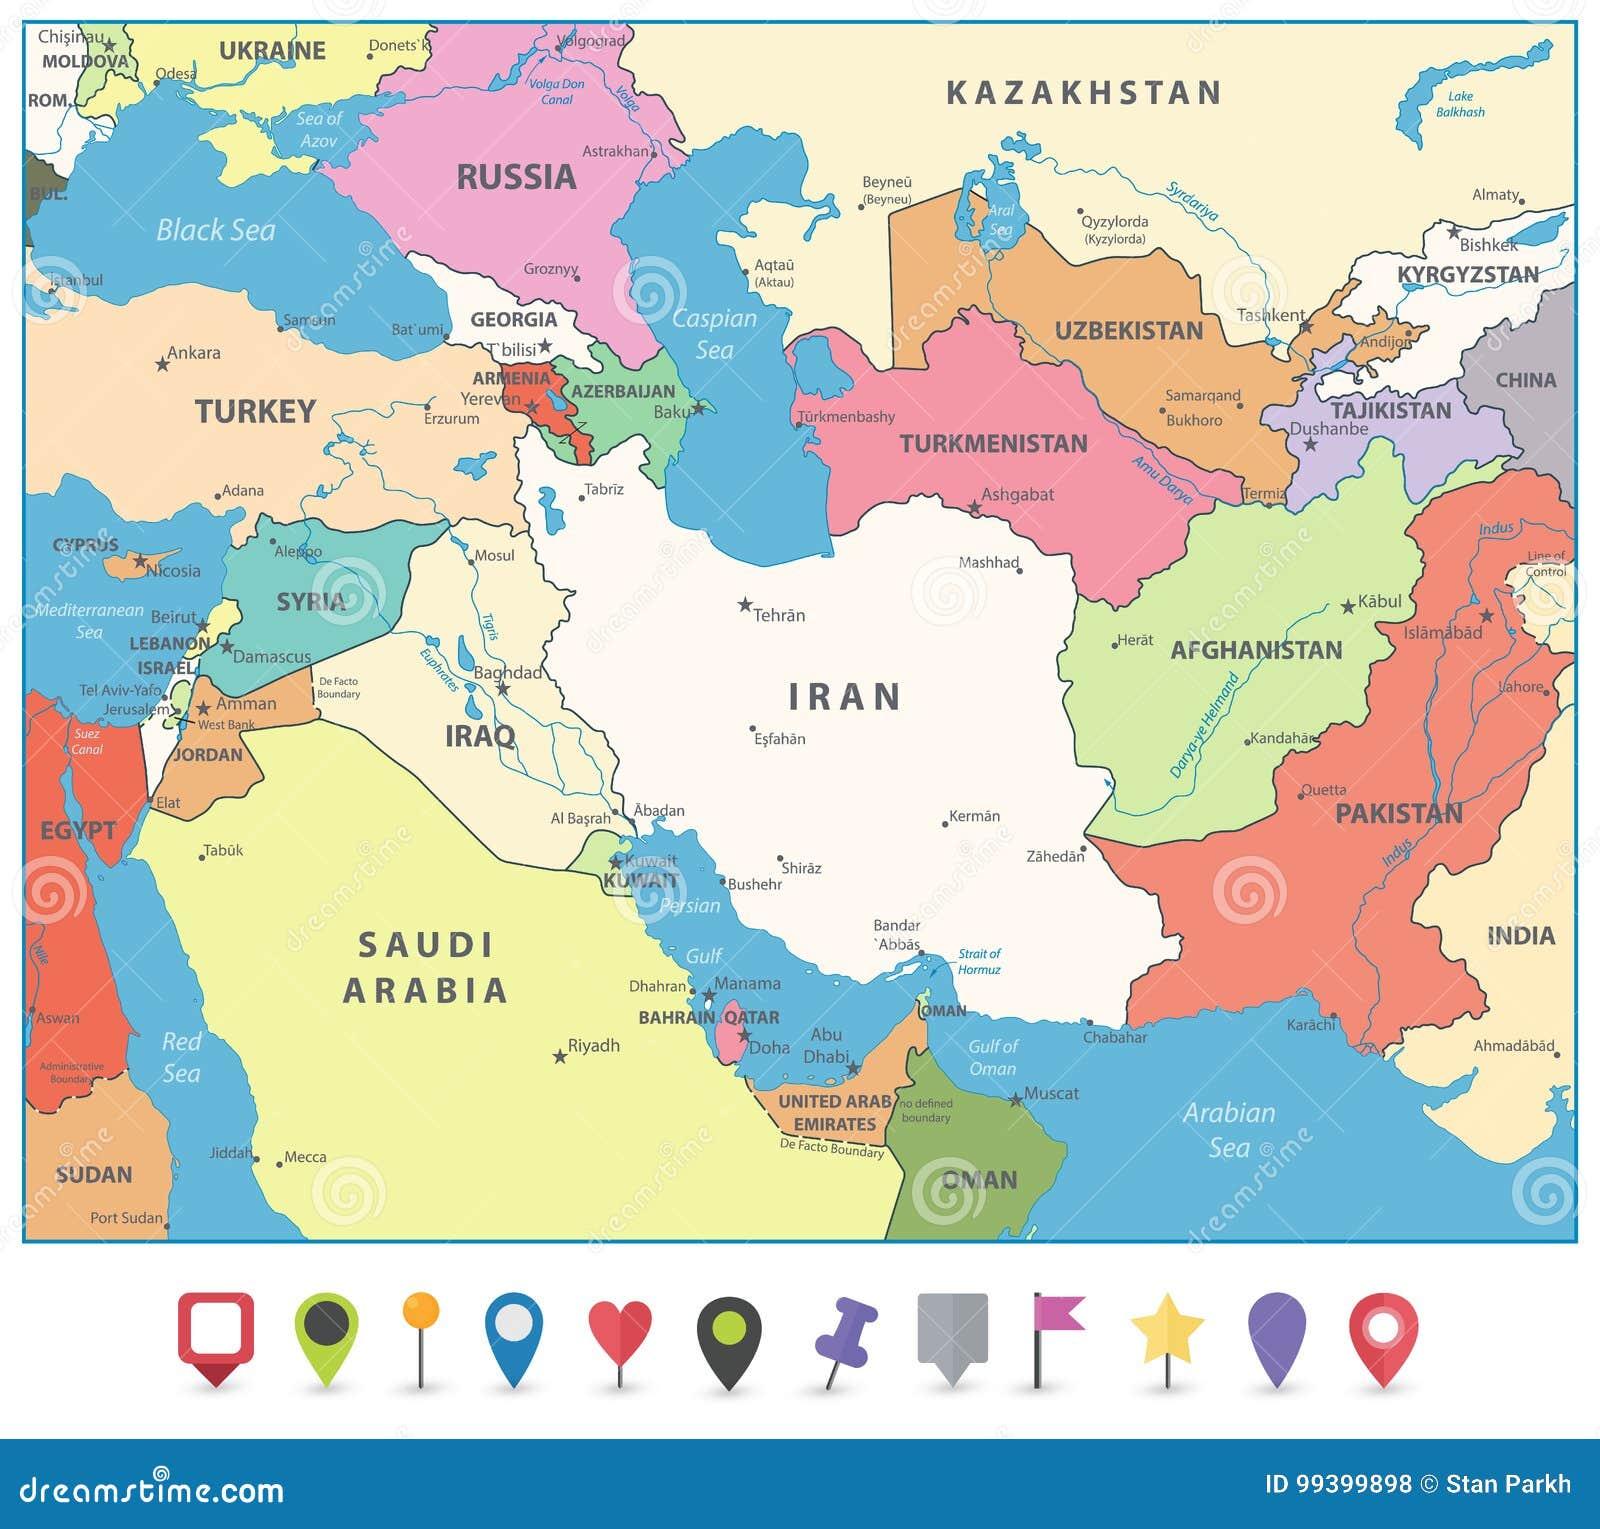 vorderasien karte Vorderasien Karte Und Flache Karten Markierungen Vektor Abbildung  vorderasien karte